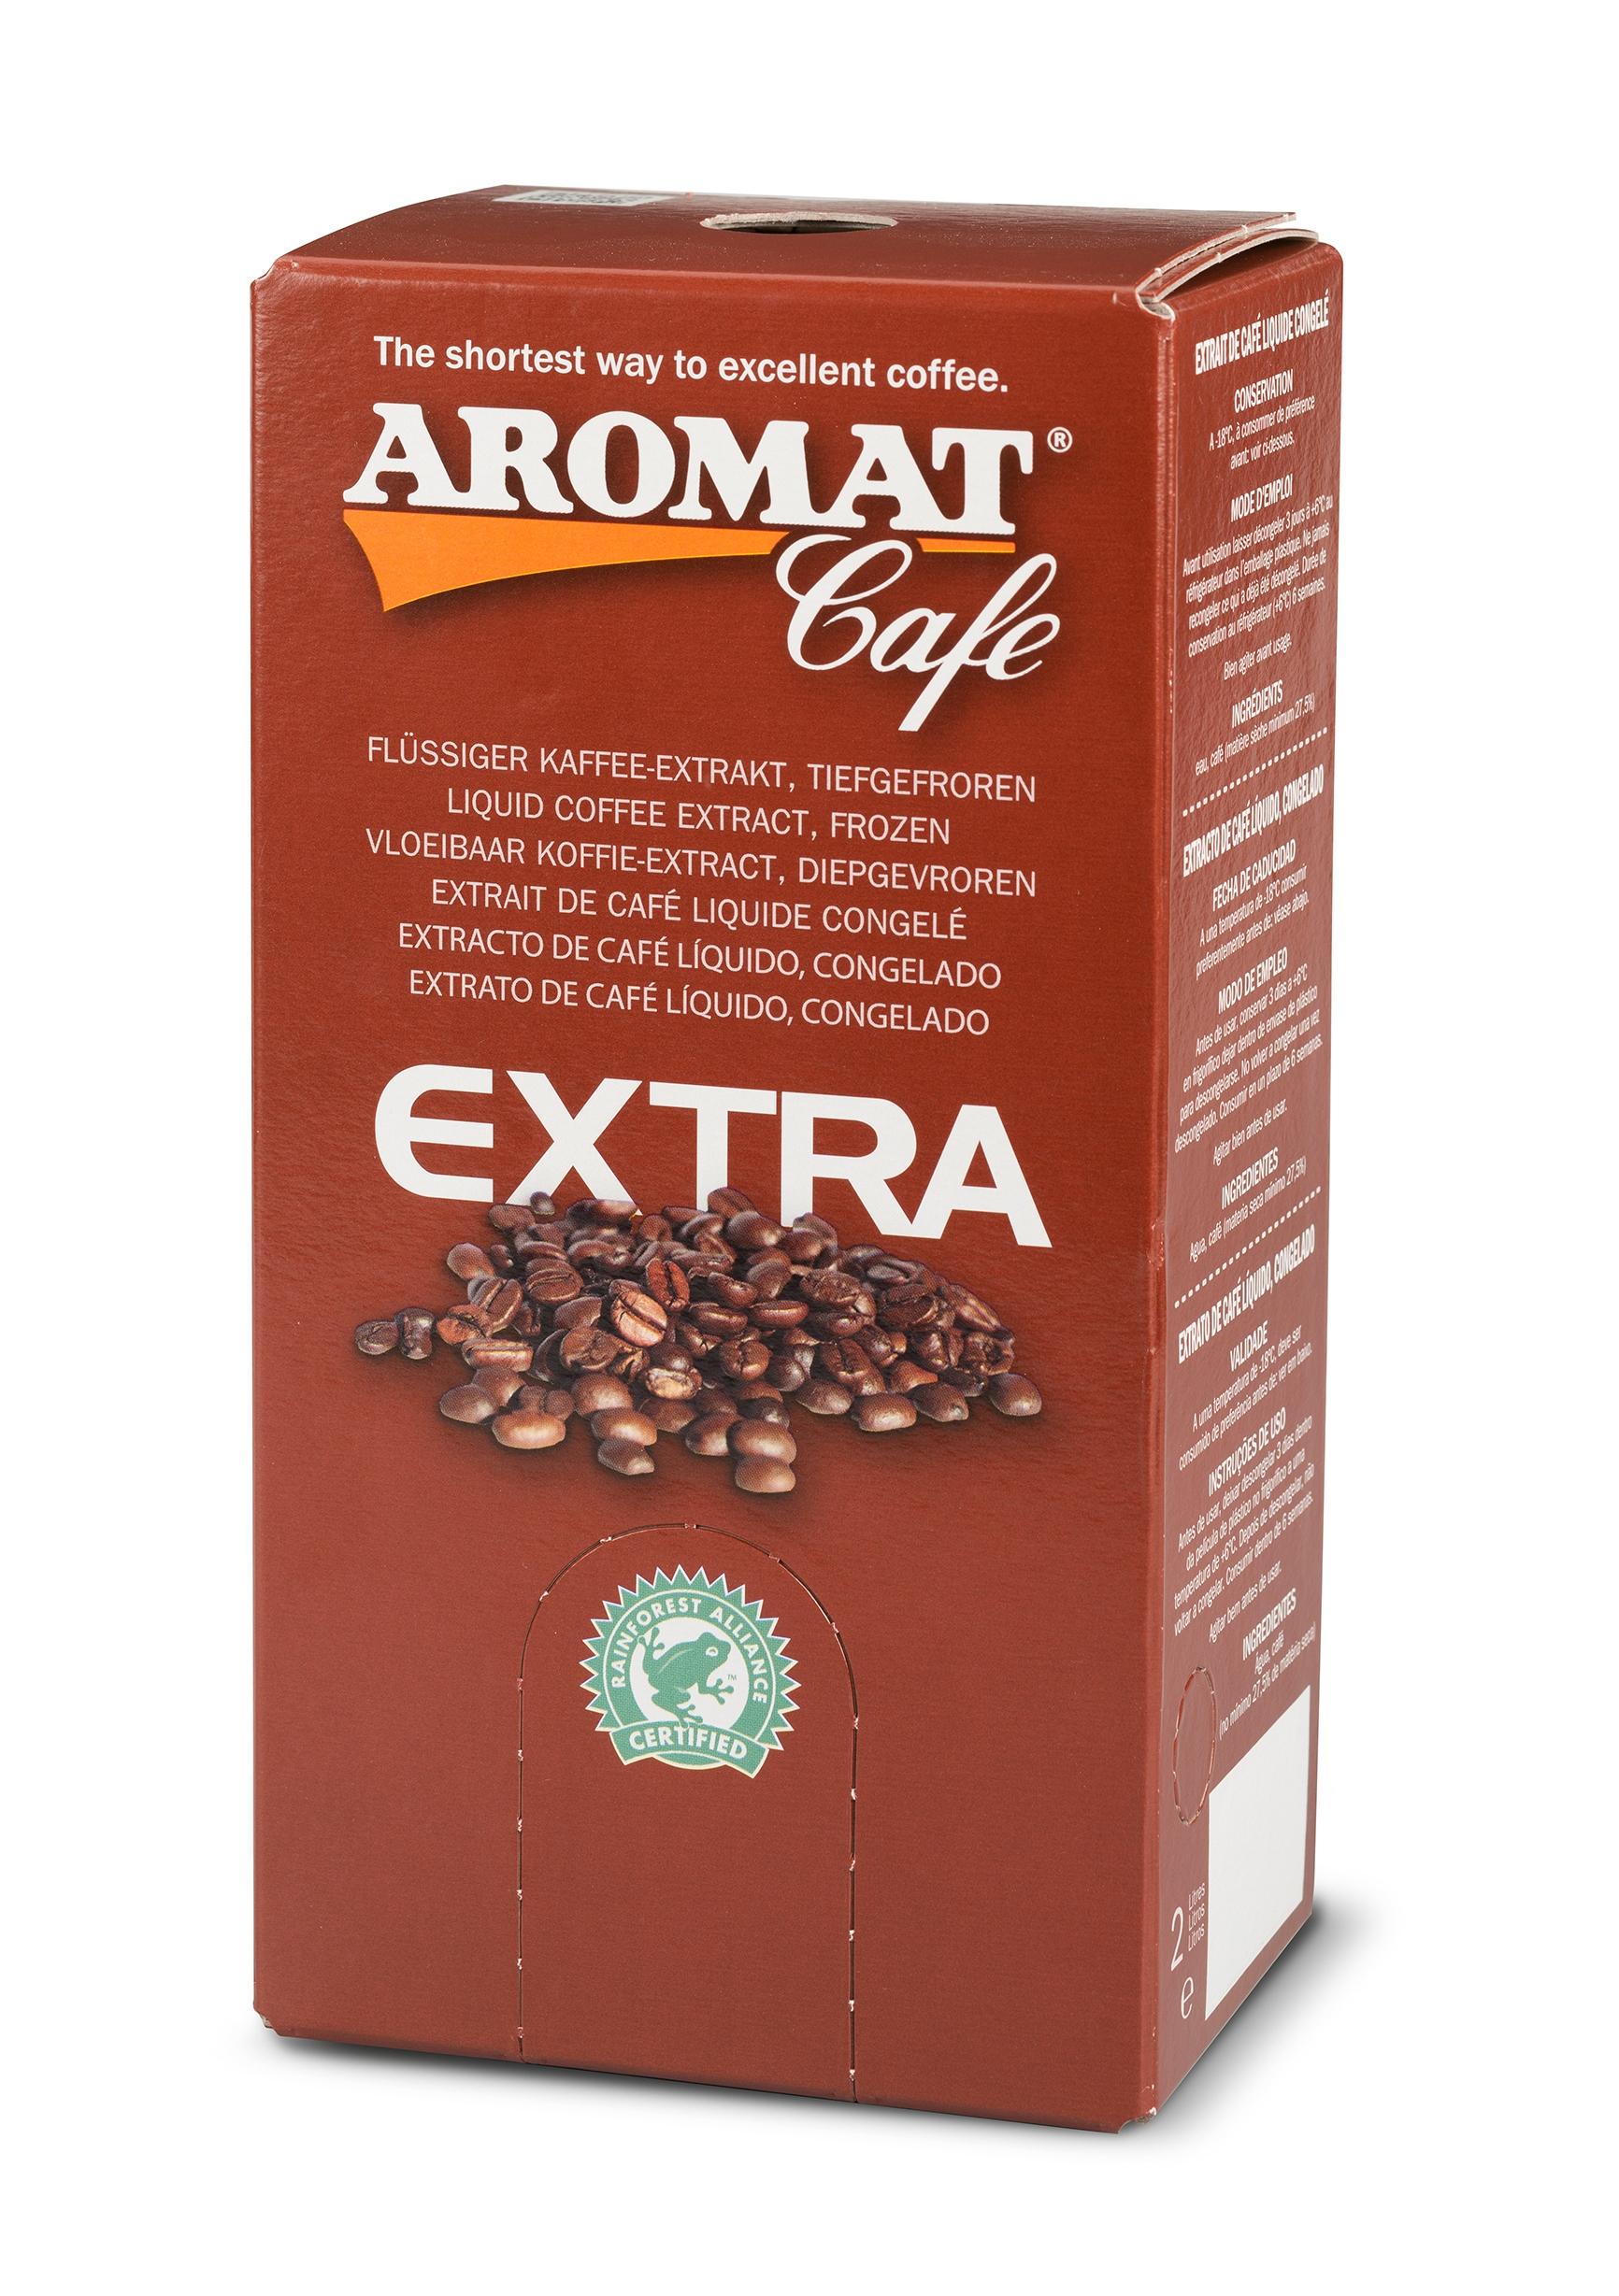 Tiefgefrorener flüssiger Kaffeeextrakt für die Zubereitung jeder gewünschten Kaffeemenge über eine Flüssigkaffeemaschine